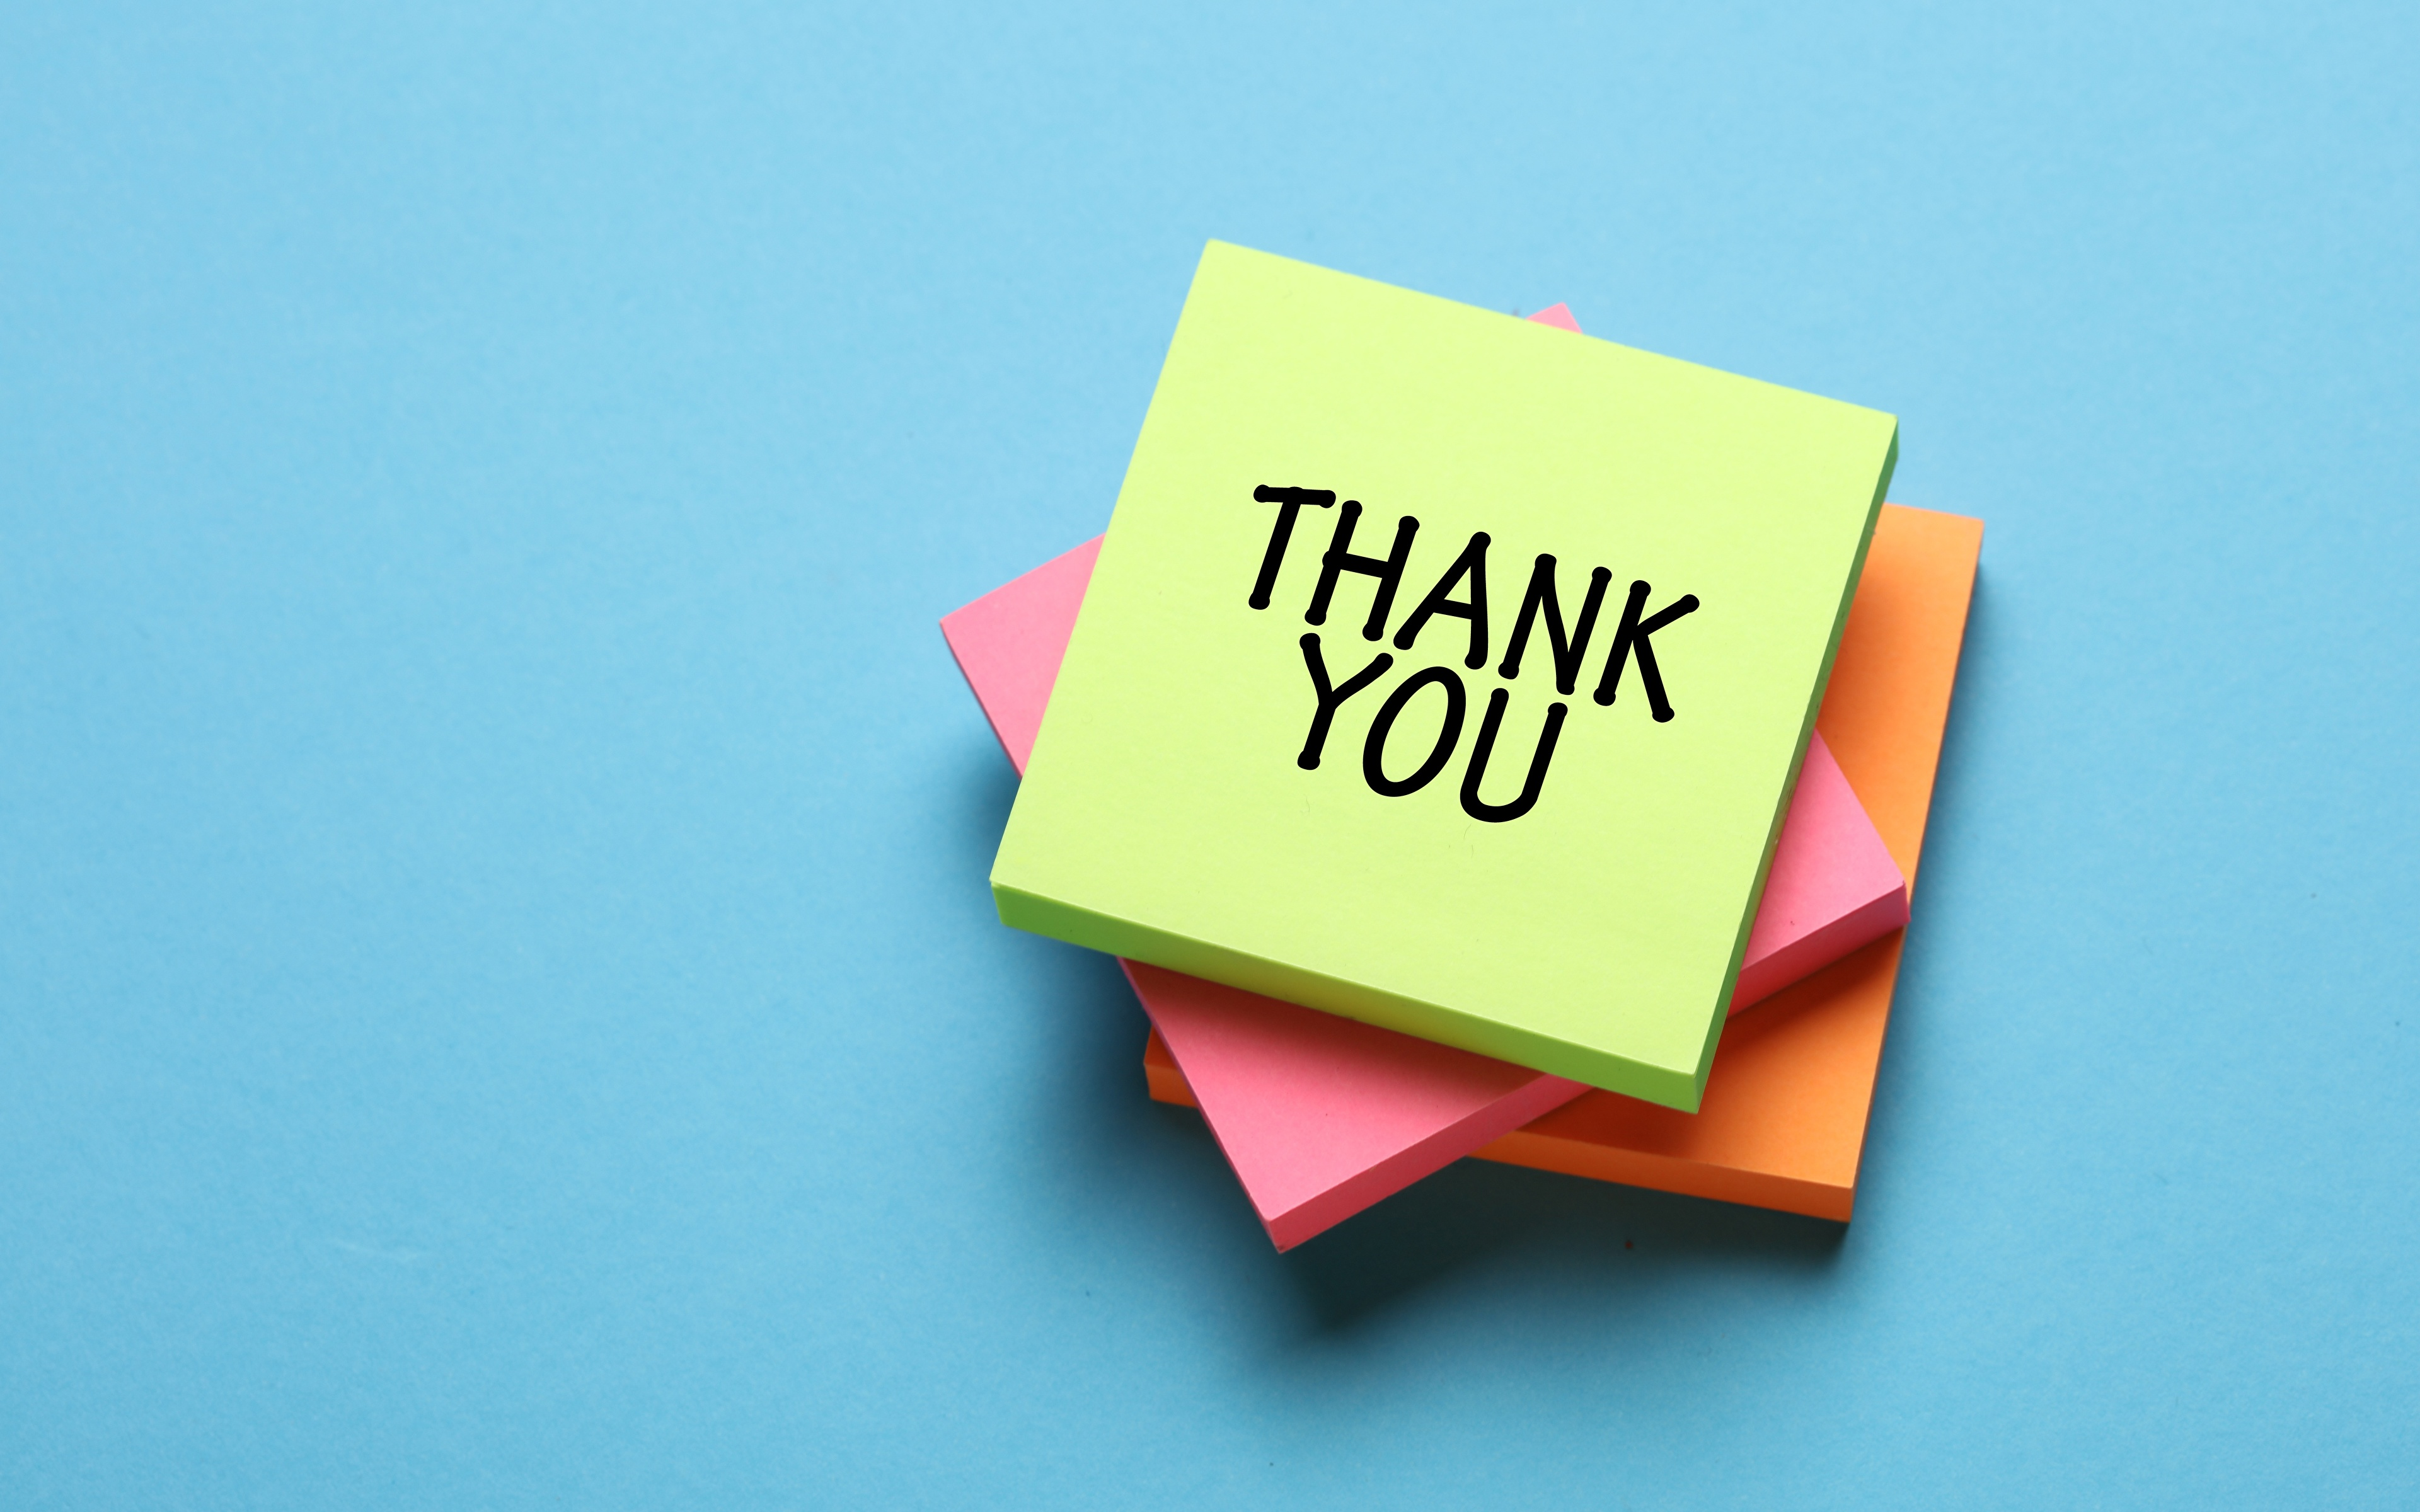 Фото Английский бумаге Thank YOU, Sticky notes слова Цветной фон 3840x2400 английская инглийские Бумага бумаги текст Слово - Надпись